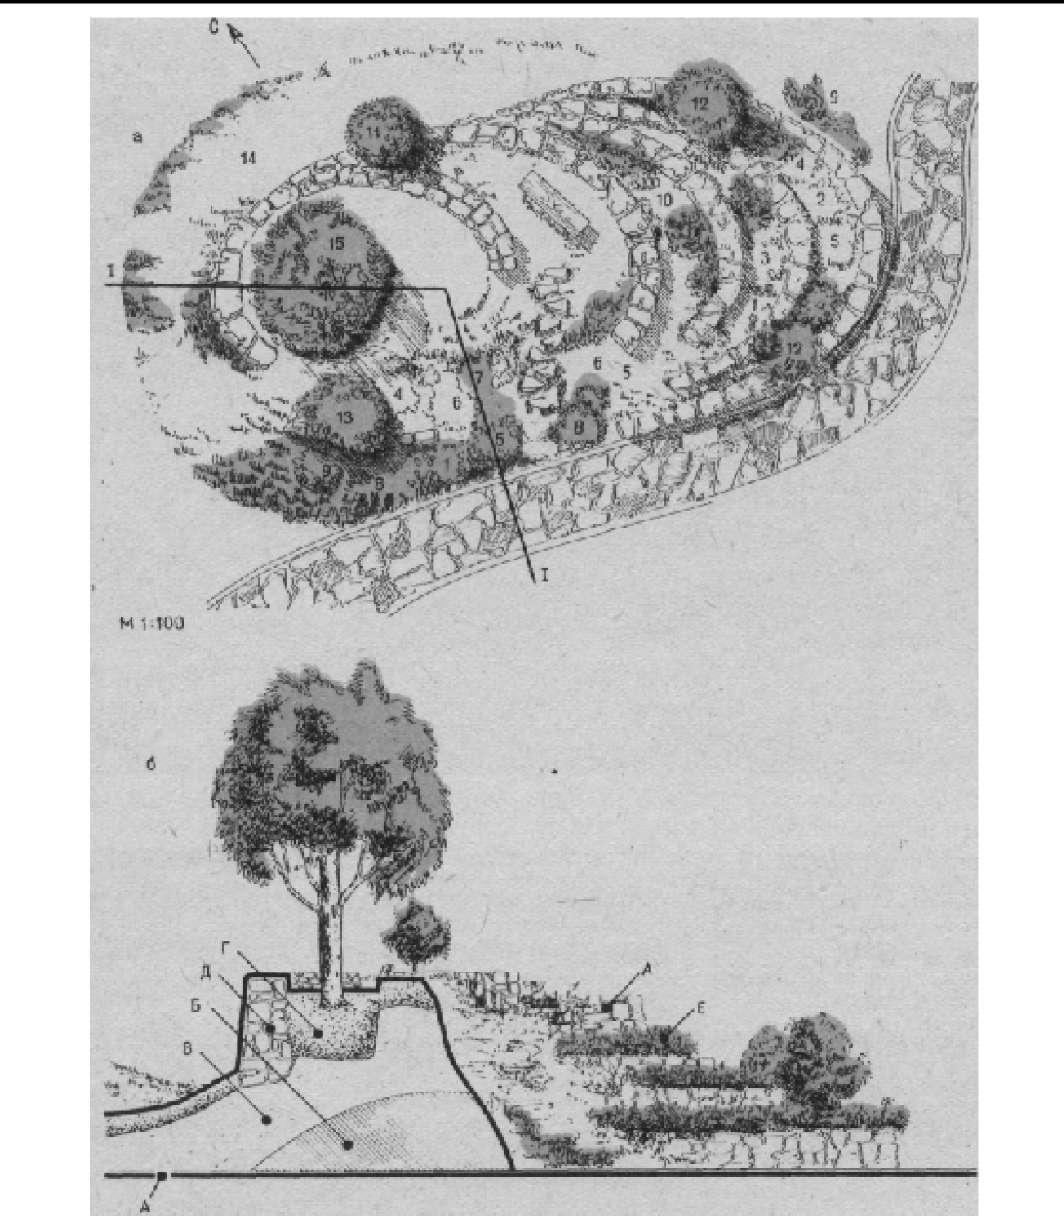 Подпорная стенка на искусственном рельефе (архитекторы Н. Титова и Р. Луспаронян)